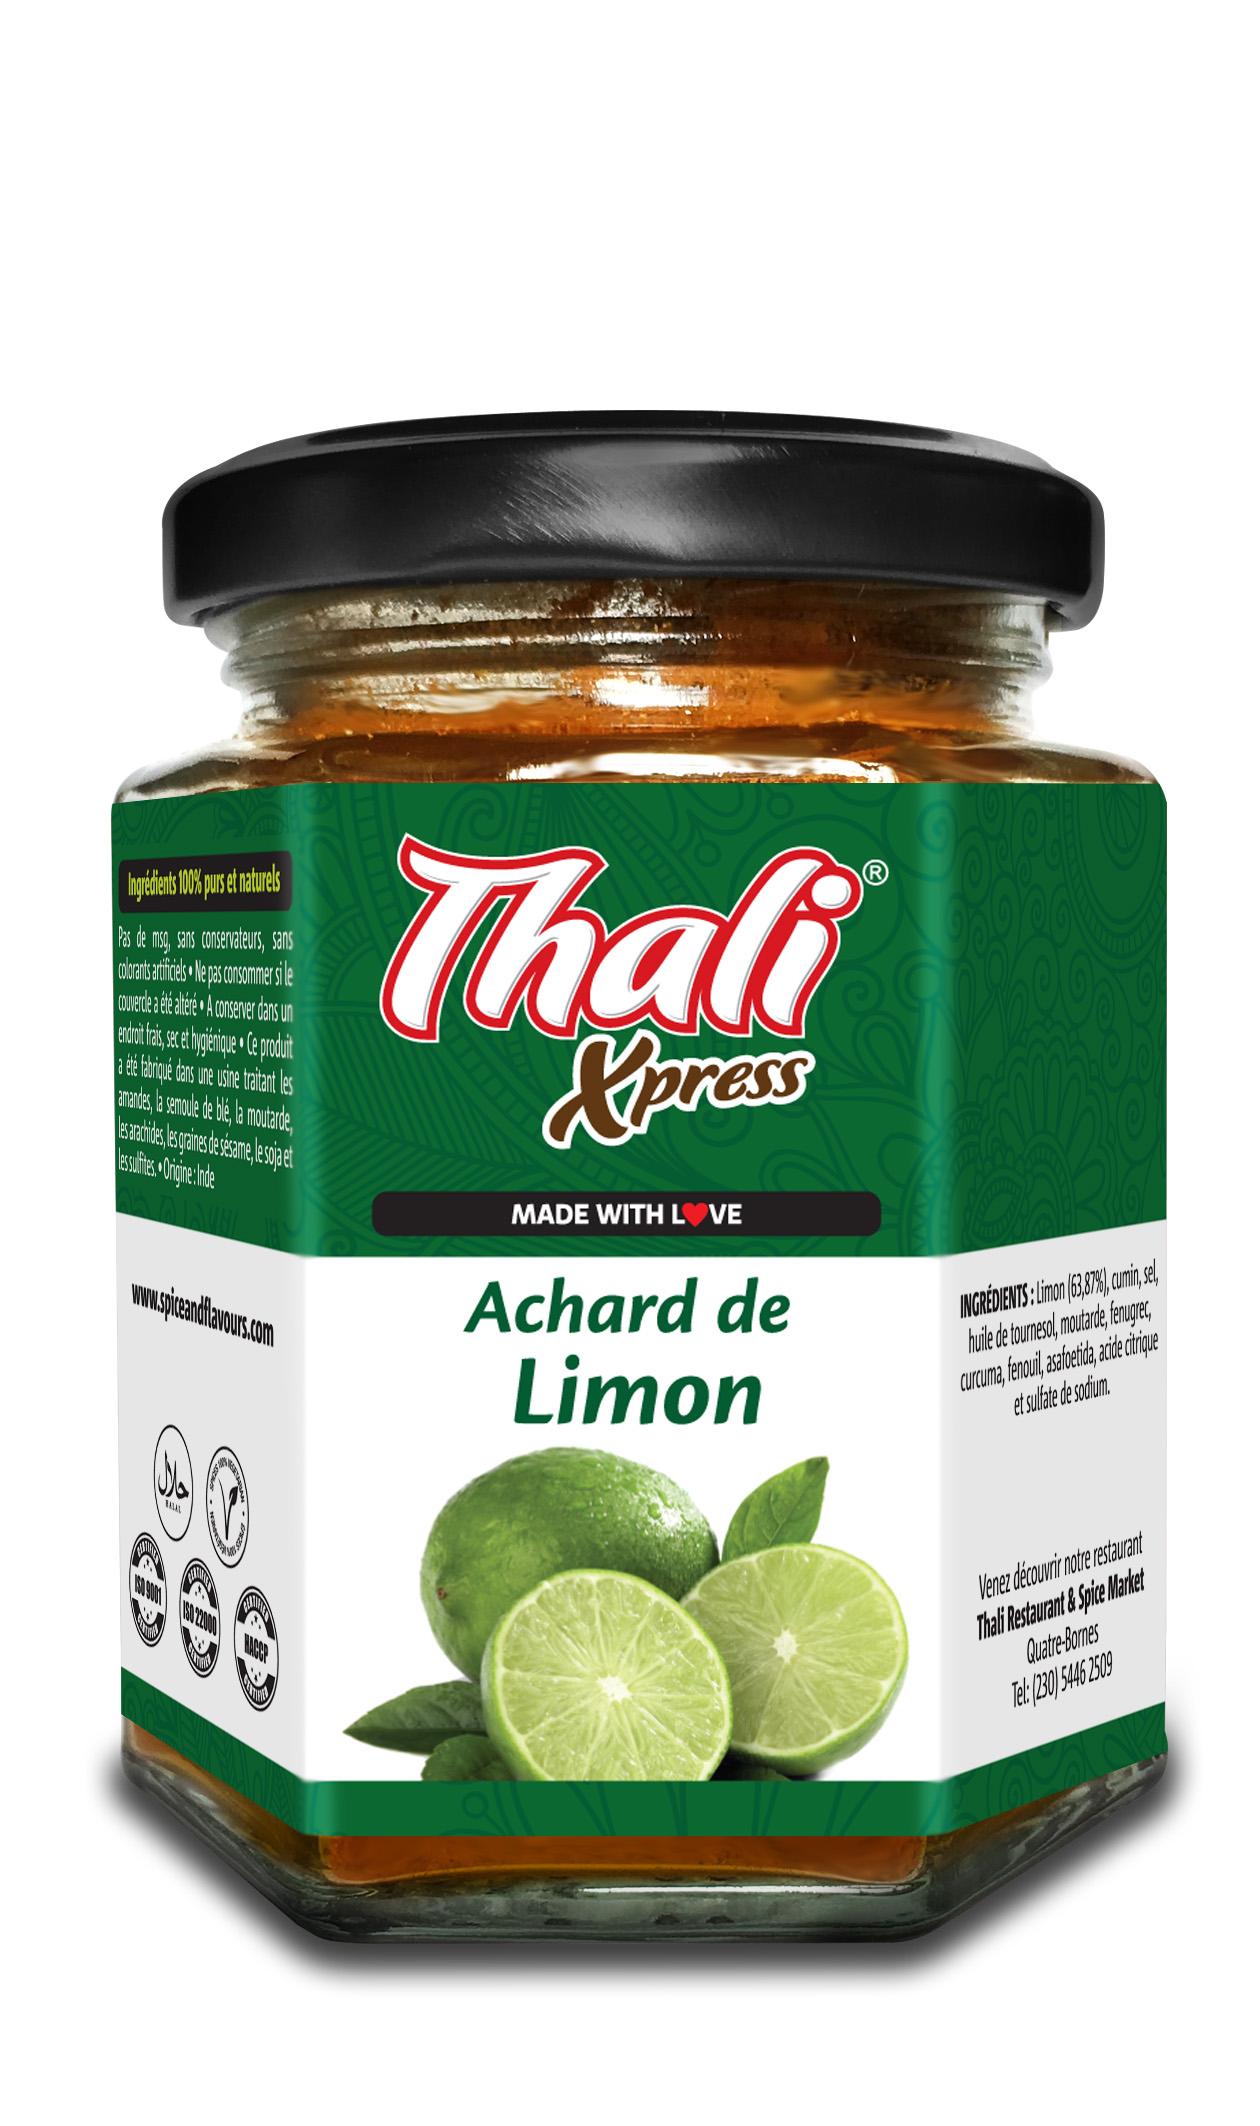 Achard de Limon Image